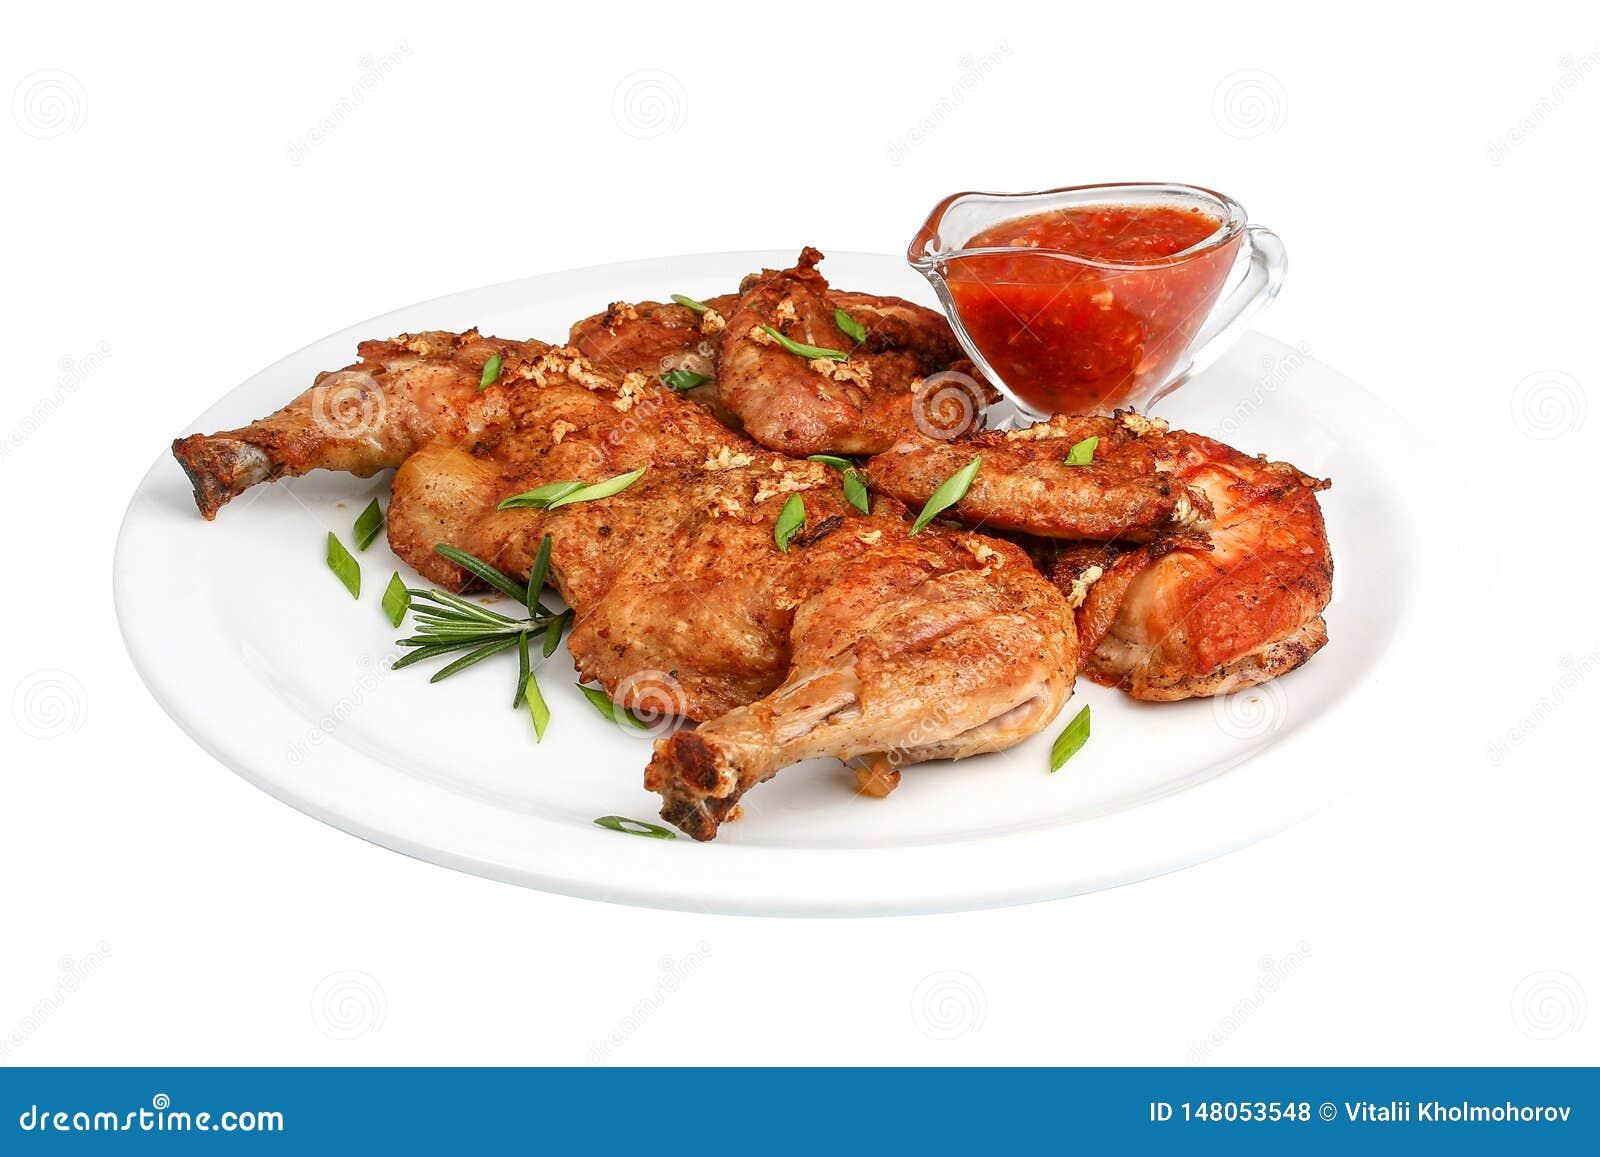 Piec na grillu smażył pieczonego kurczaka z gorącą kiełbasą